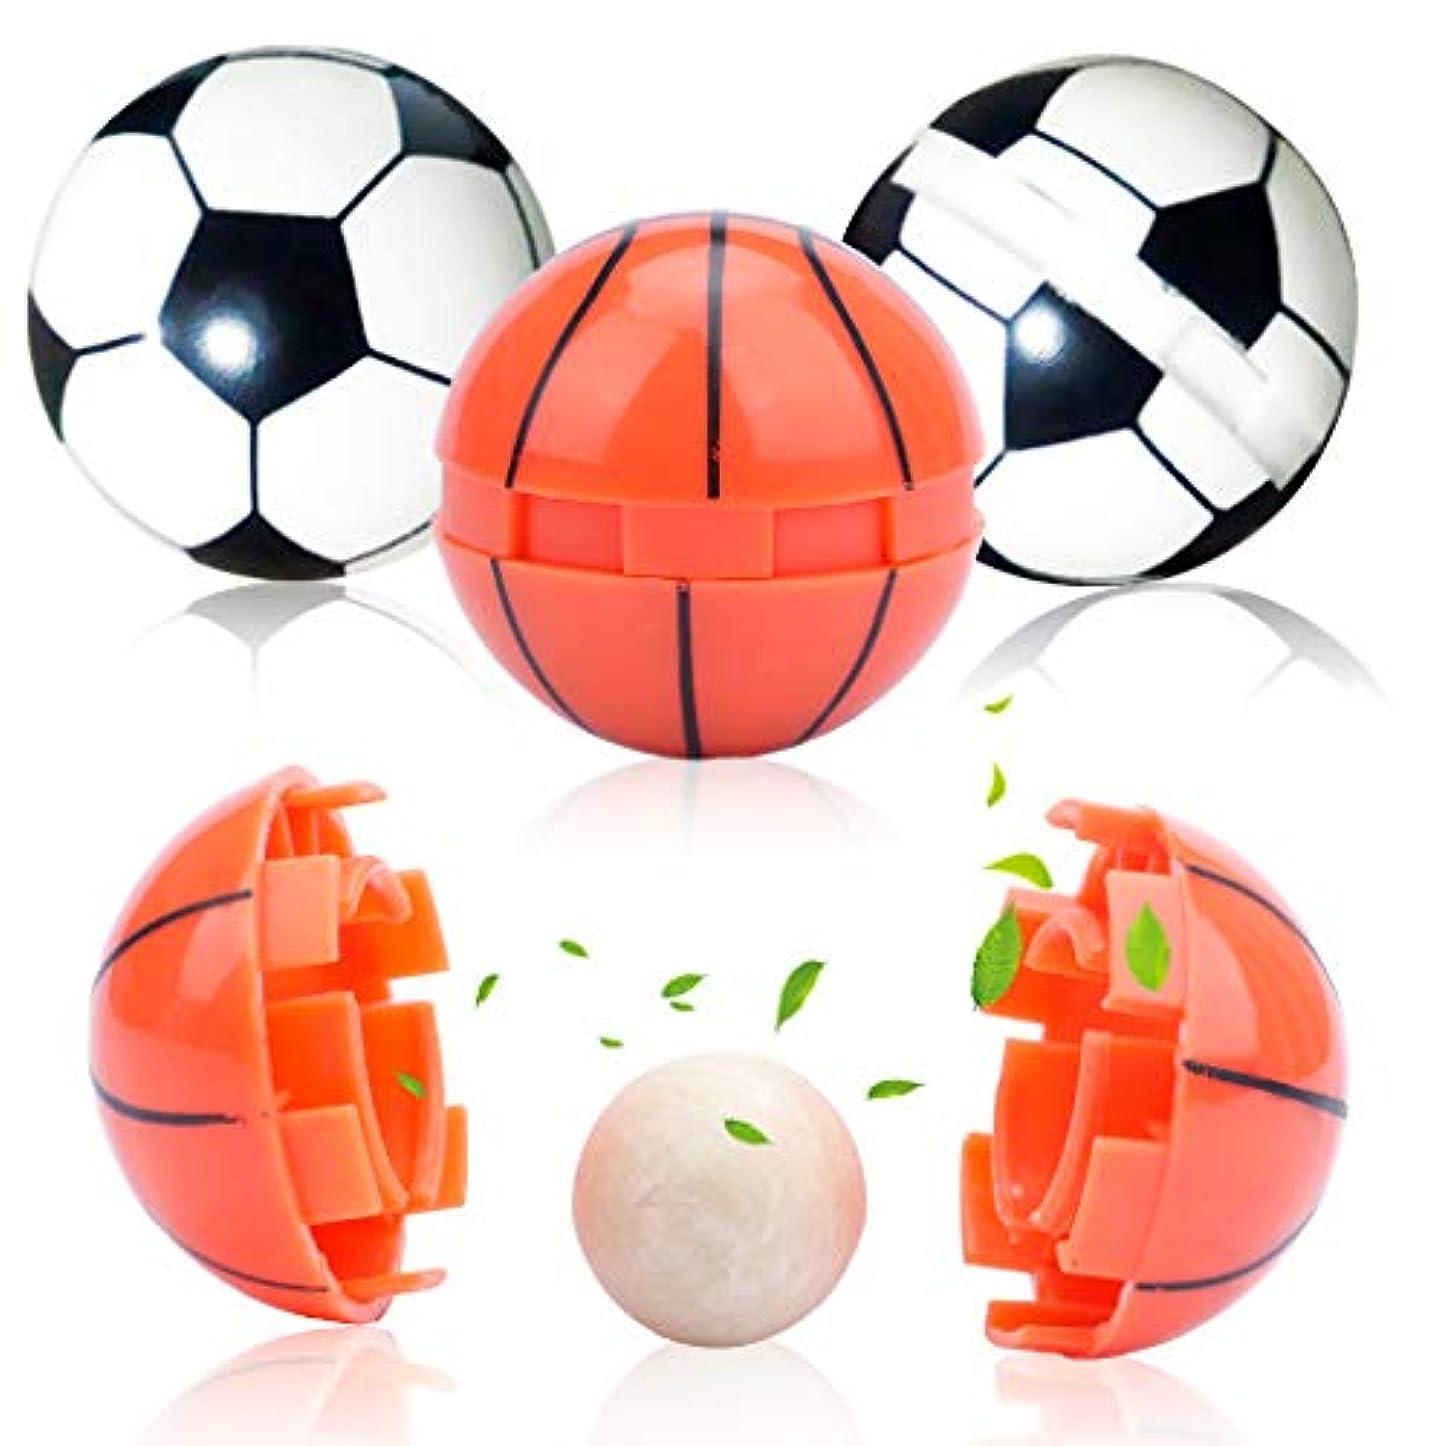 一般的に言えばエトナ山捕虜Amycute アロマ アロマボール 香り玉 4点セット (18mm)750g 丸型 サッカー&バスケットボールデザイン 香りが長続き